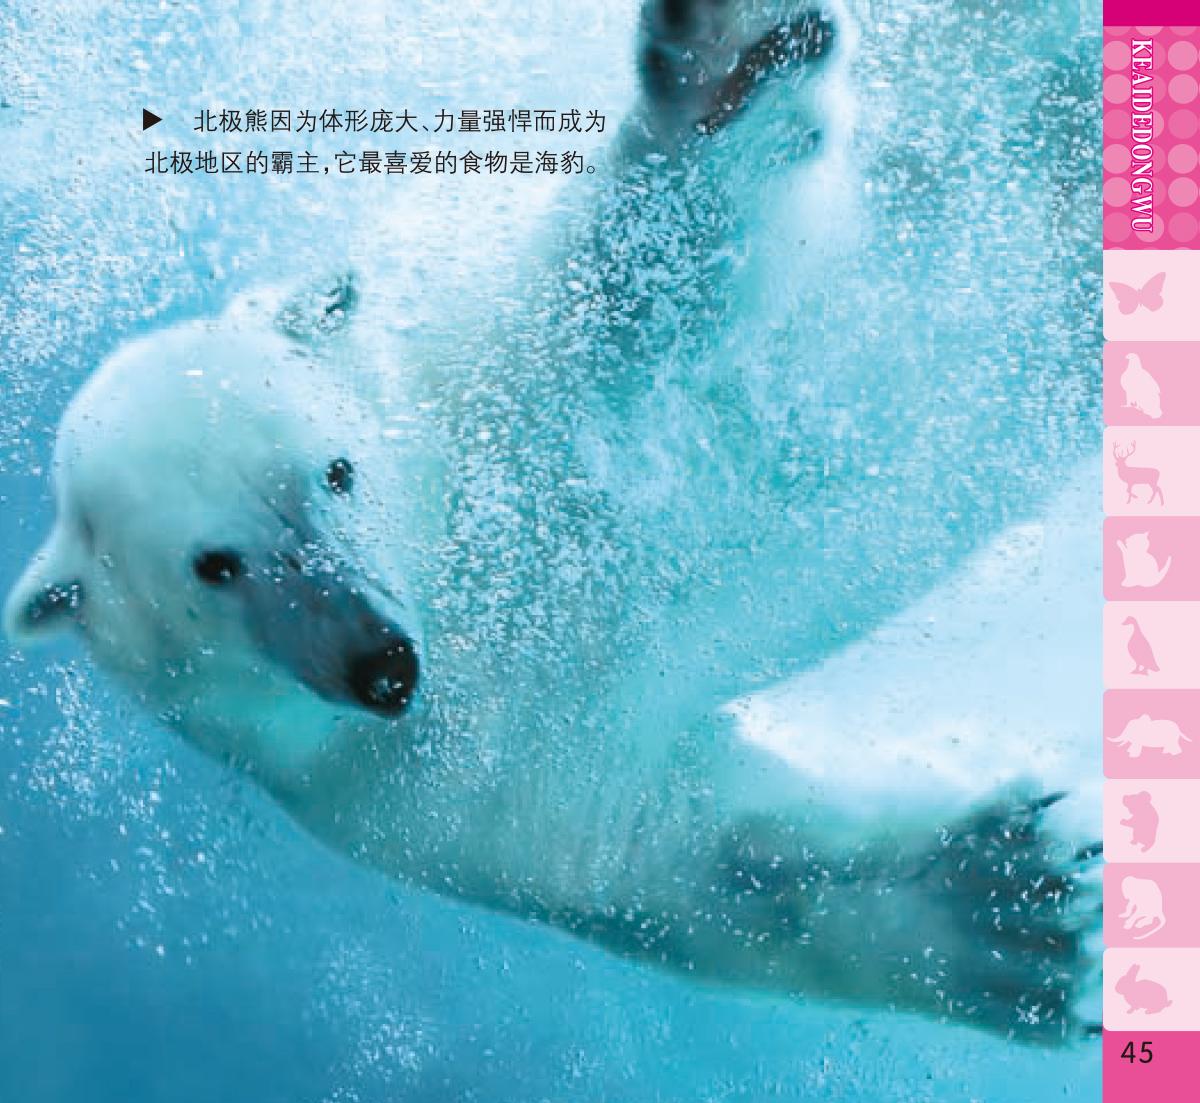 天天小问号:可爱的动物--时代图书网-timesbook:北美